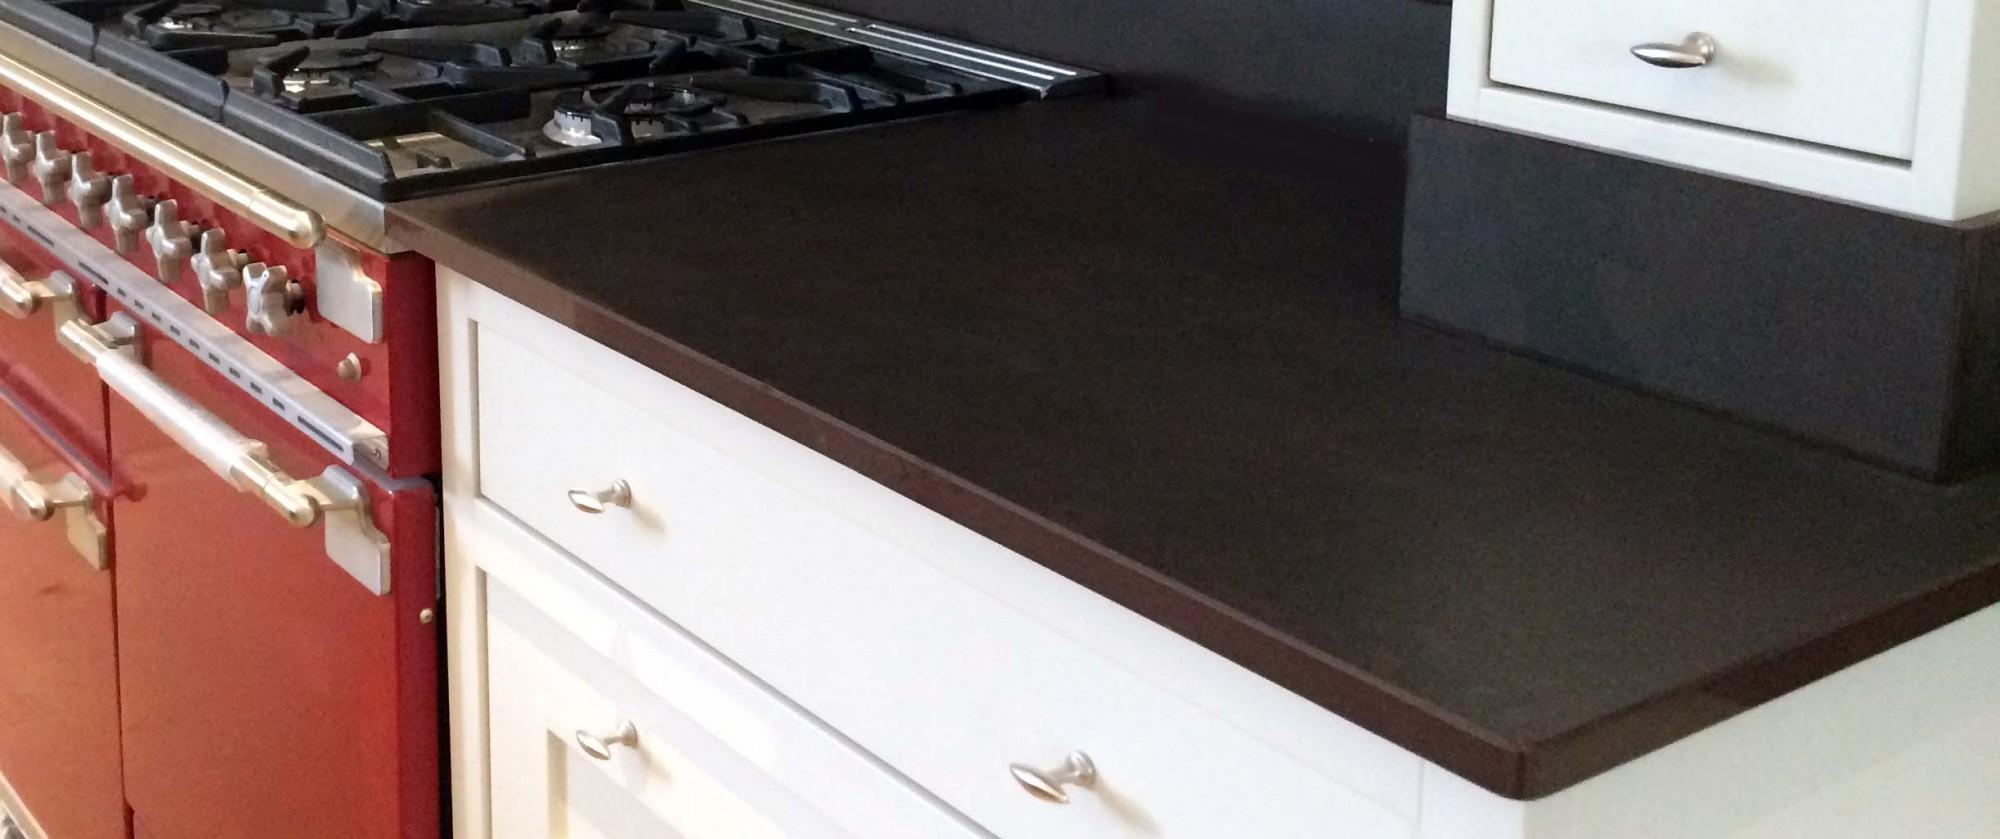 29 incroyable plan travail stratifi sur mesure jdt4 meuble de cuisine. Black Bedroom Furniture Sets. Home Design Ideas